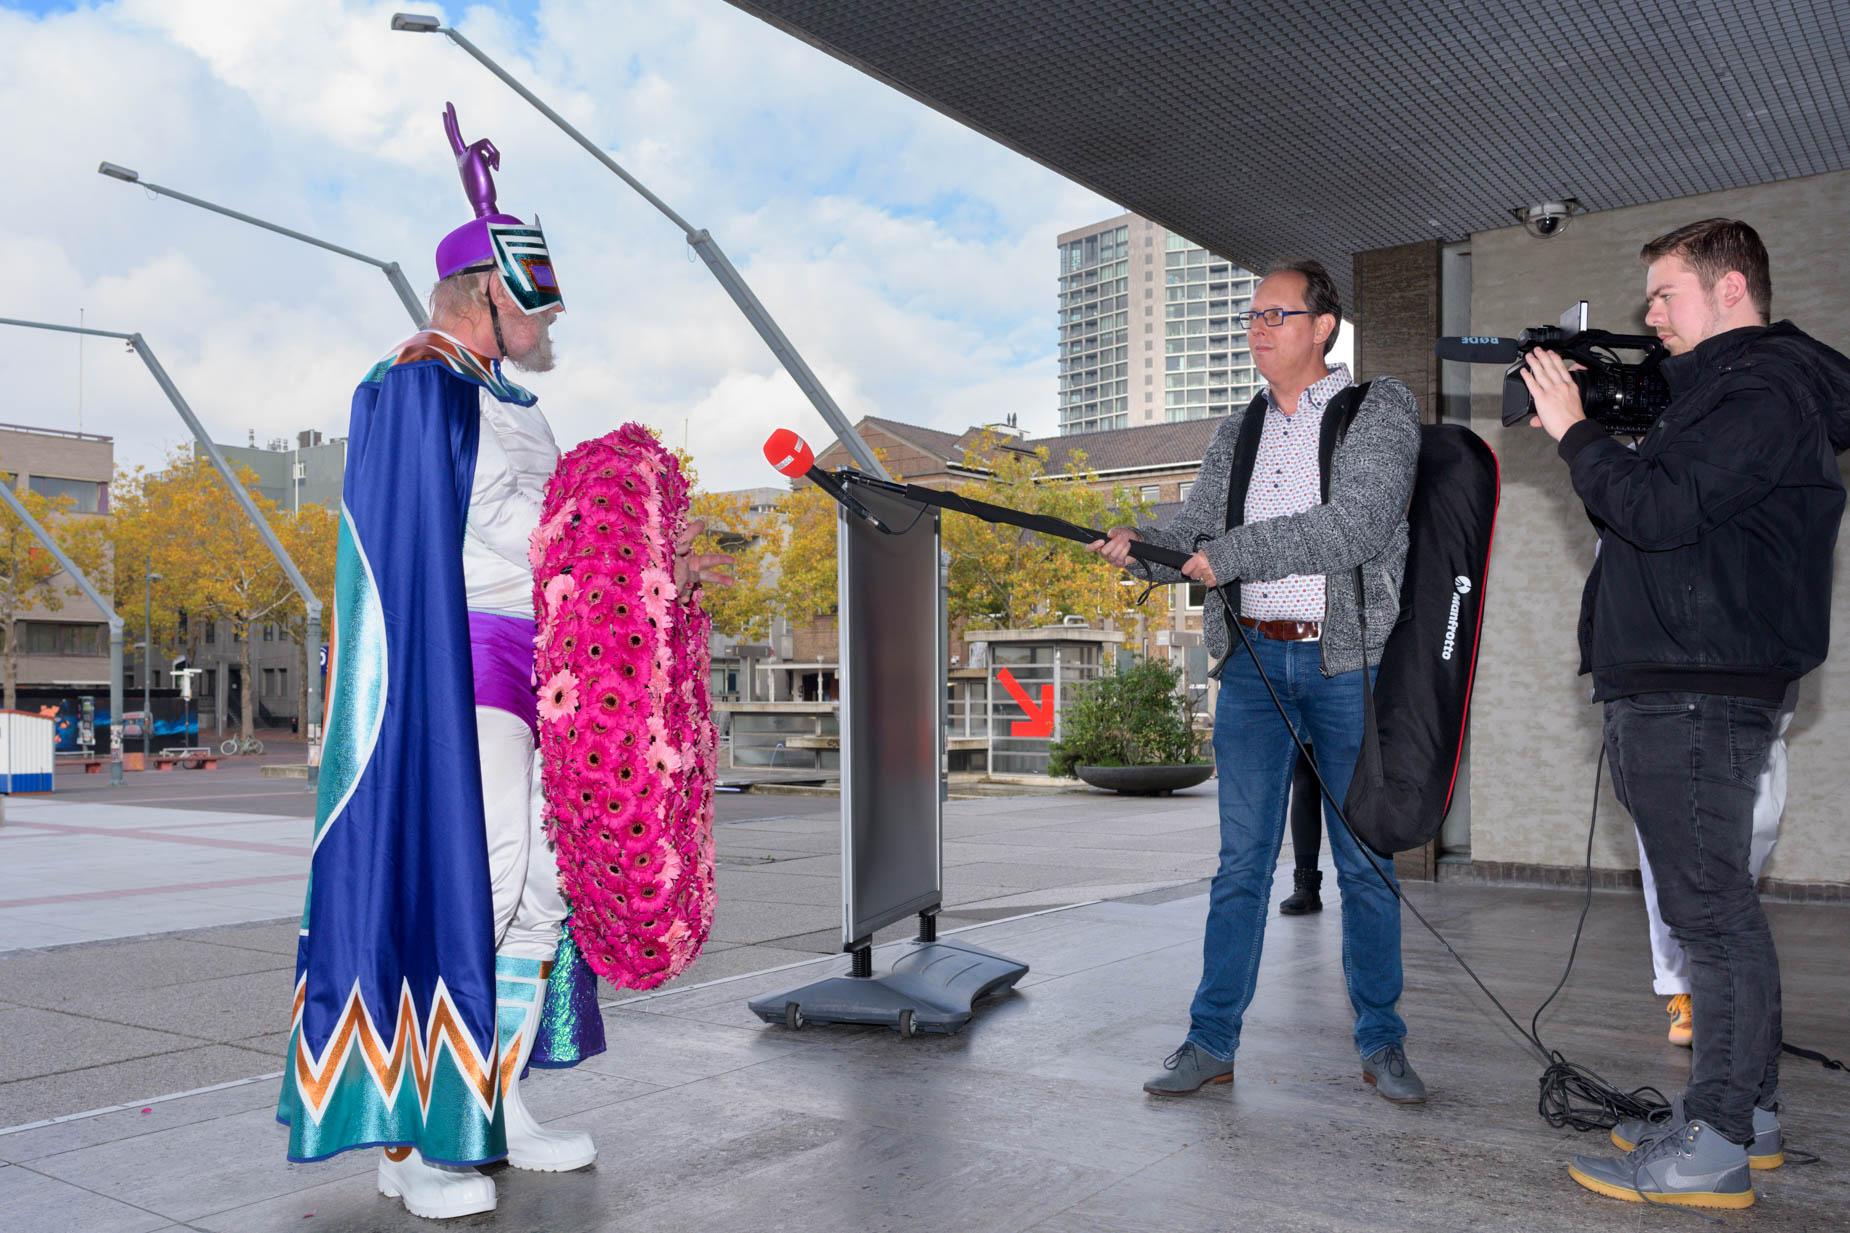 PEACEMAN bracht een vredeskrans naar burgemeester Jorritsma van Eindhoven | Sas Schilten Fotografie